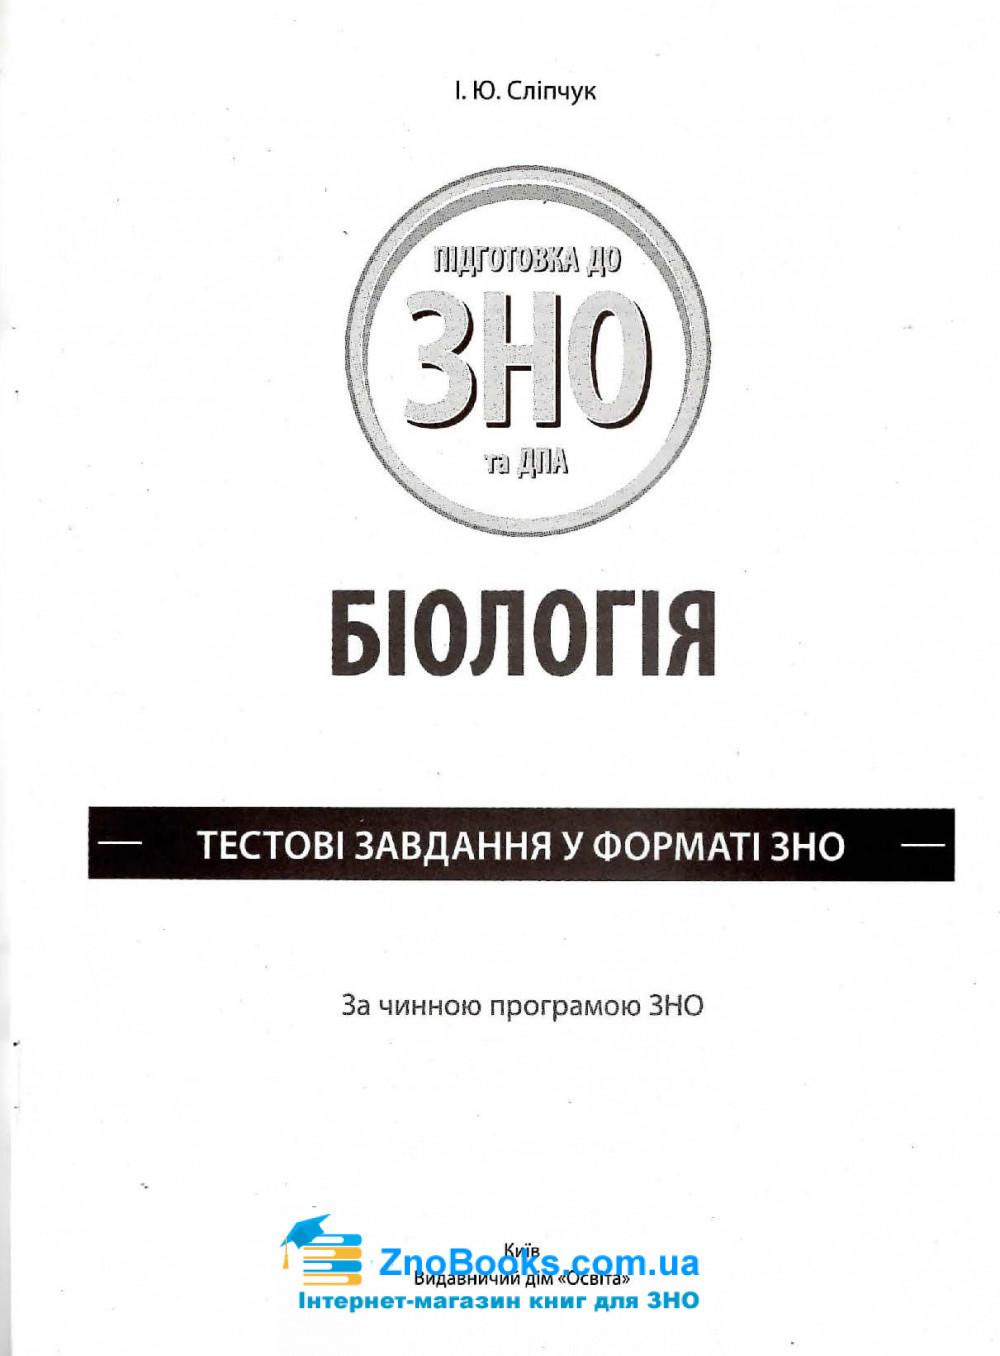 Біологія Сліпчук І. Тести до ЗНО 2021. Освіта купити 1